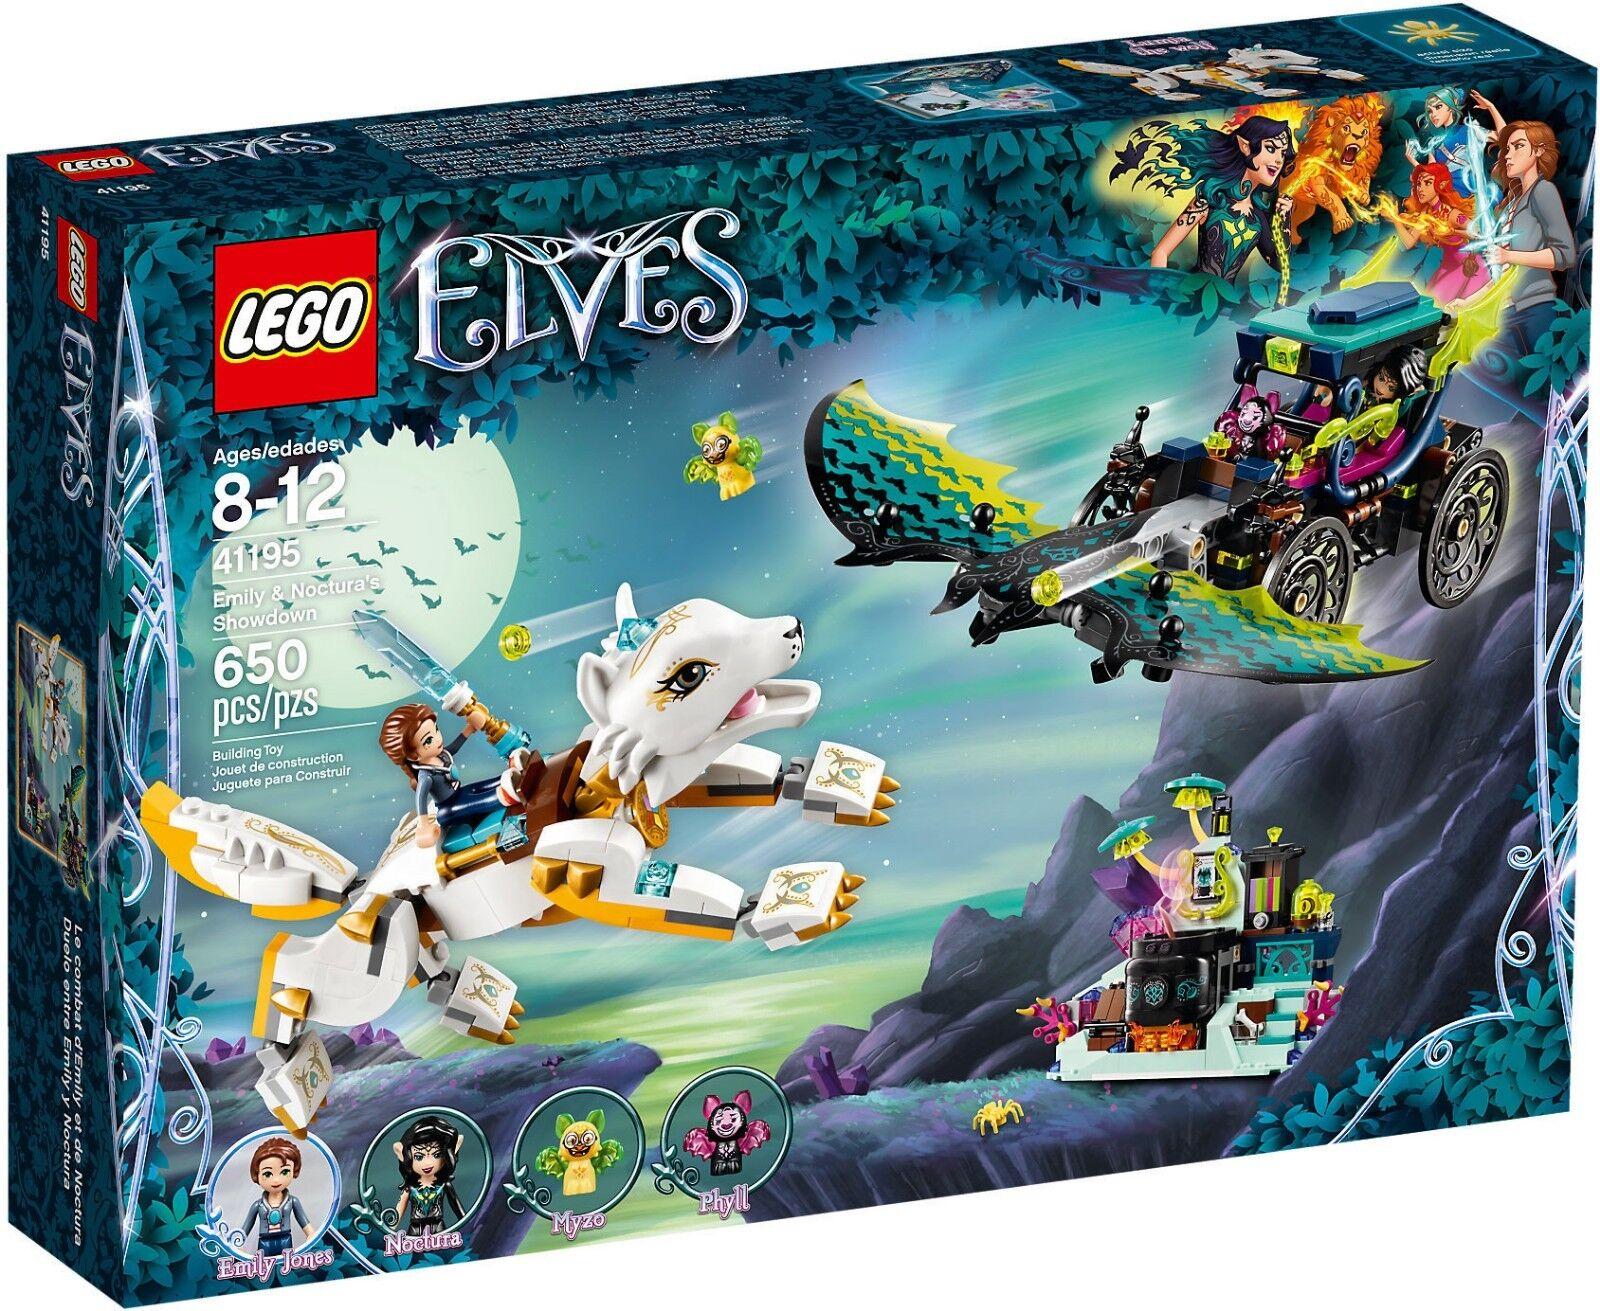 LEGO Elfen 41195 41195 41195 - Ausbeute der Conti zwischen Emily und Noctura Neu a85616